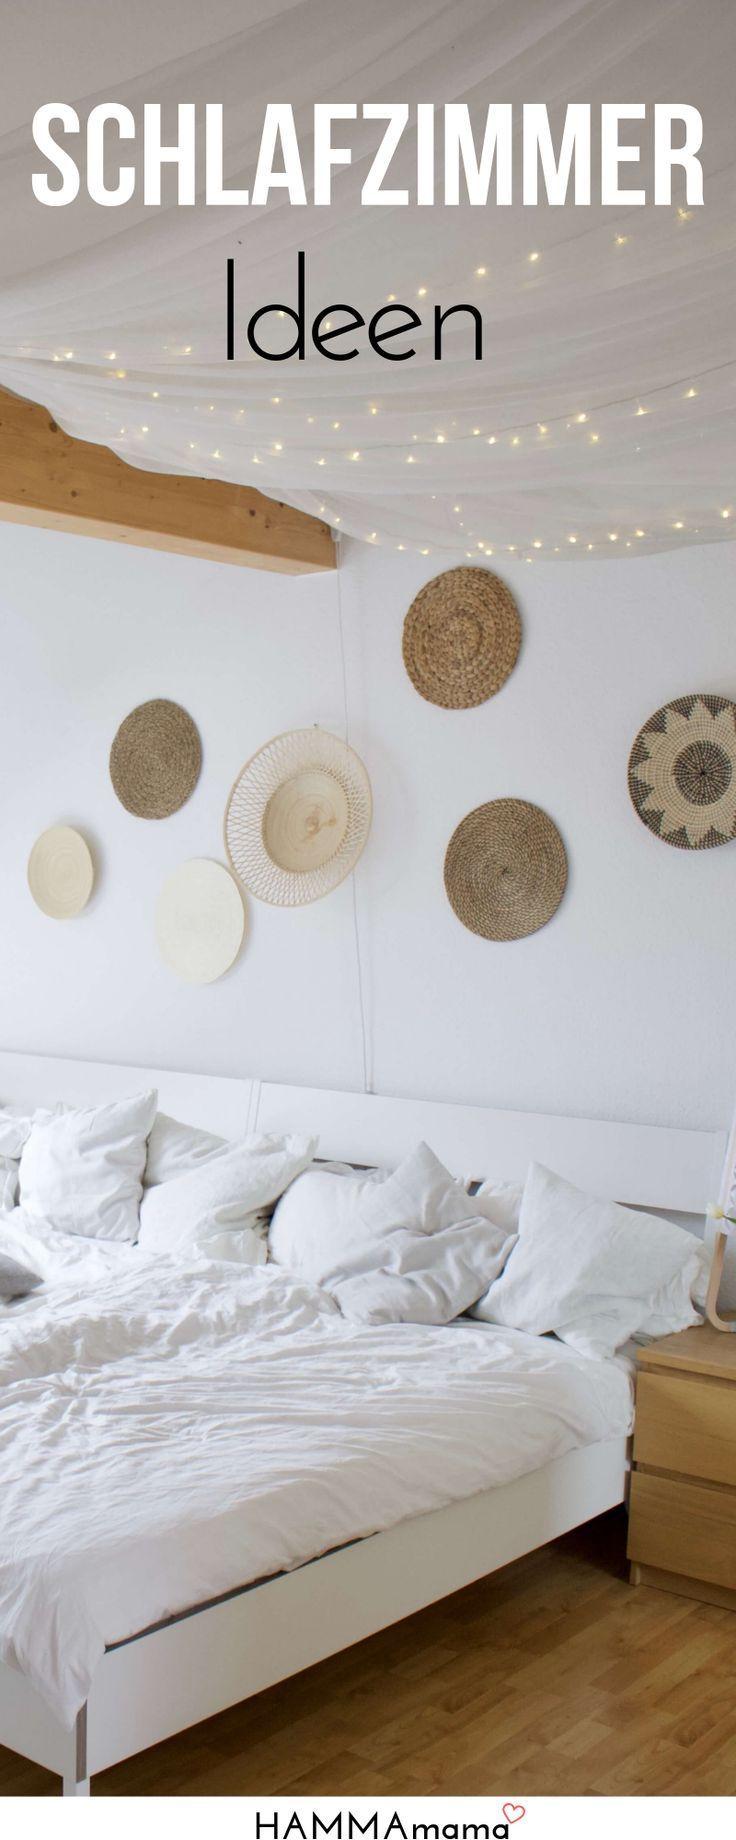 Zeit für Boho & Ethno! ° Ideen für das Schlafzimmer und die Wandgestaltung (mit Dachschrägen und …